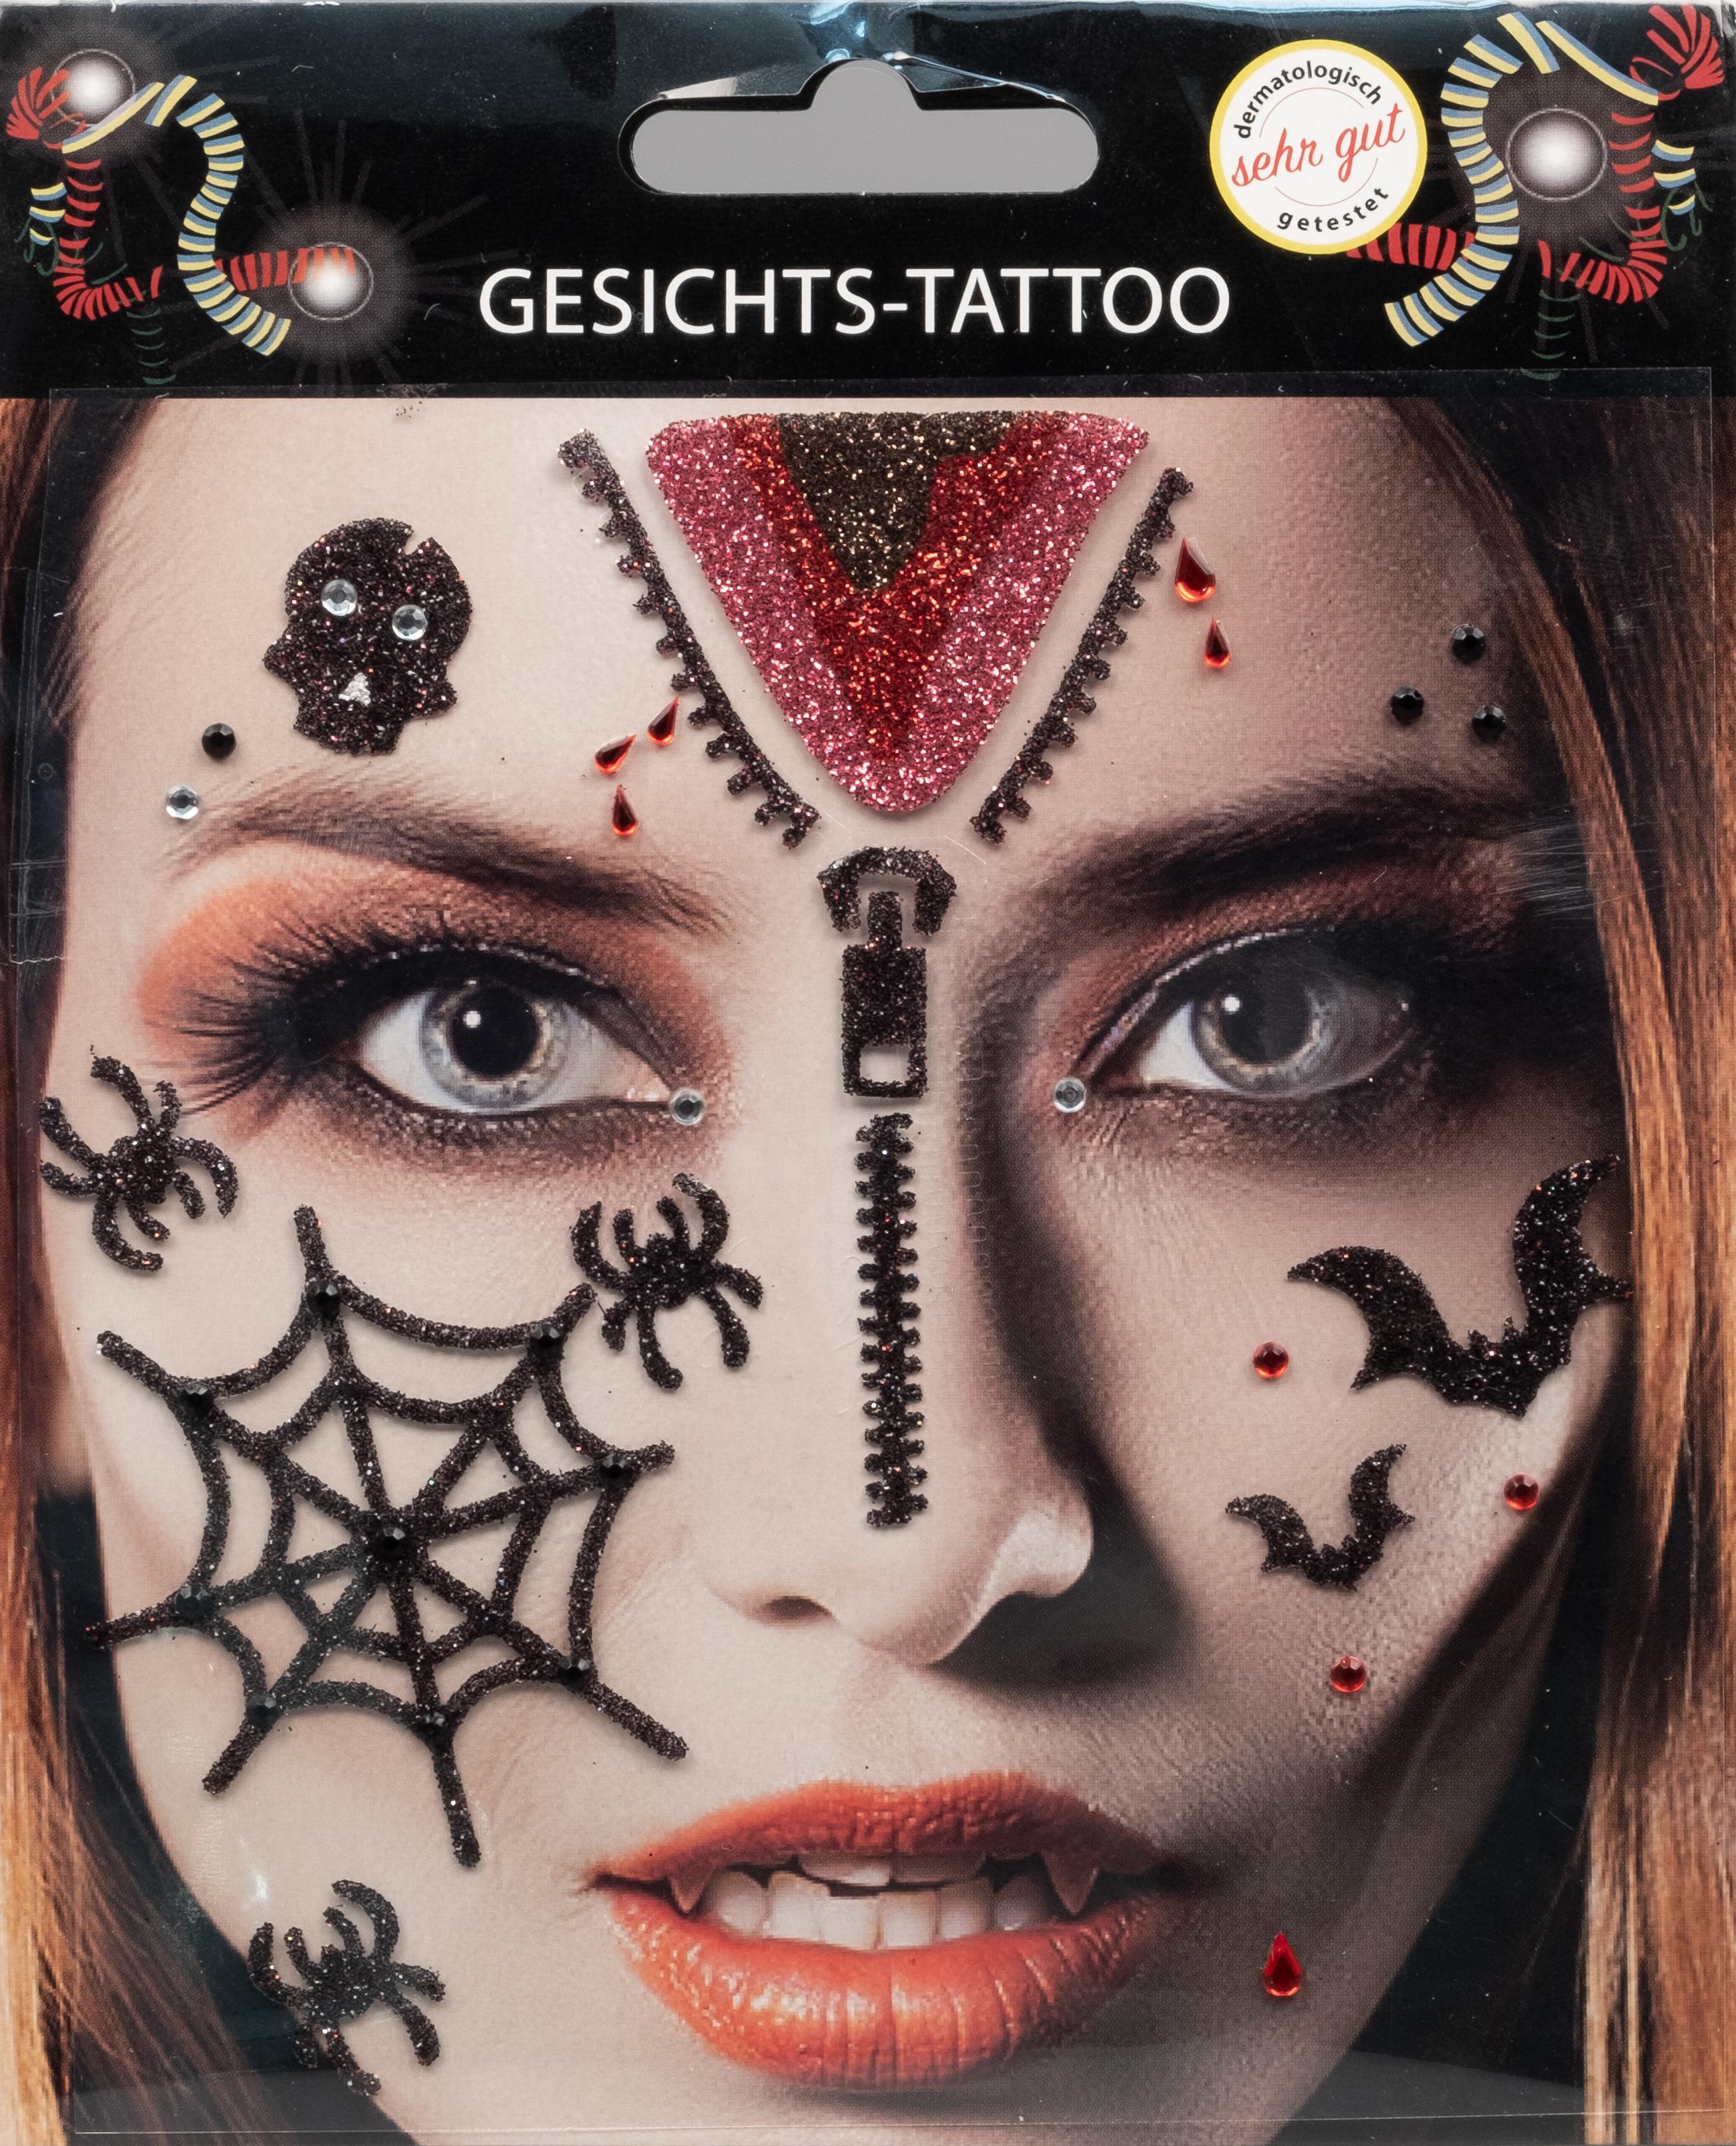 Gesichts-Tattoo Halloween